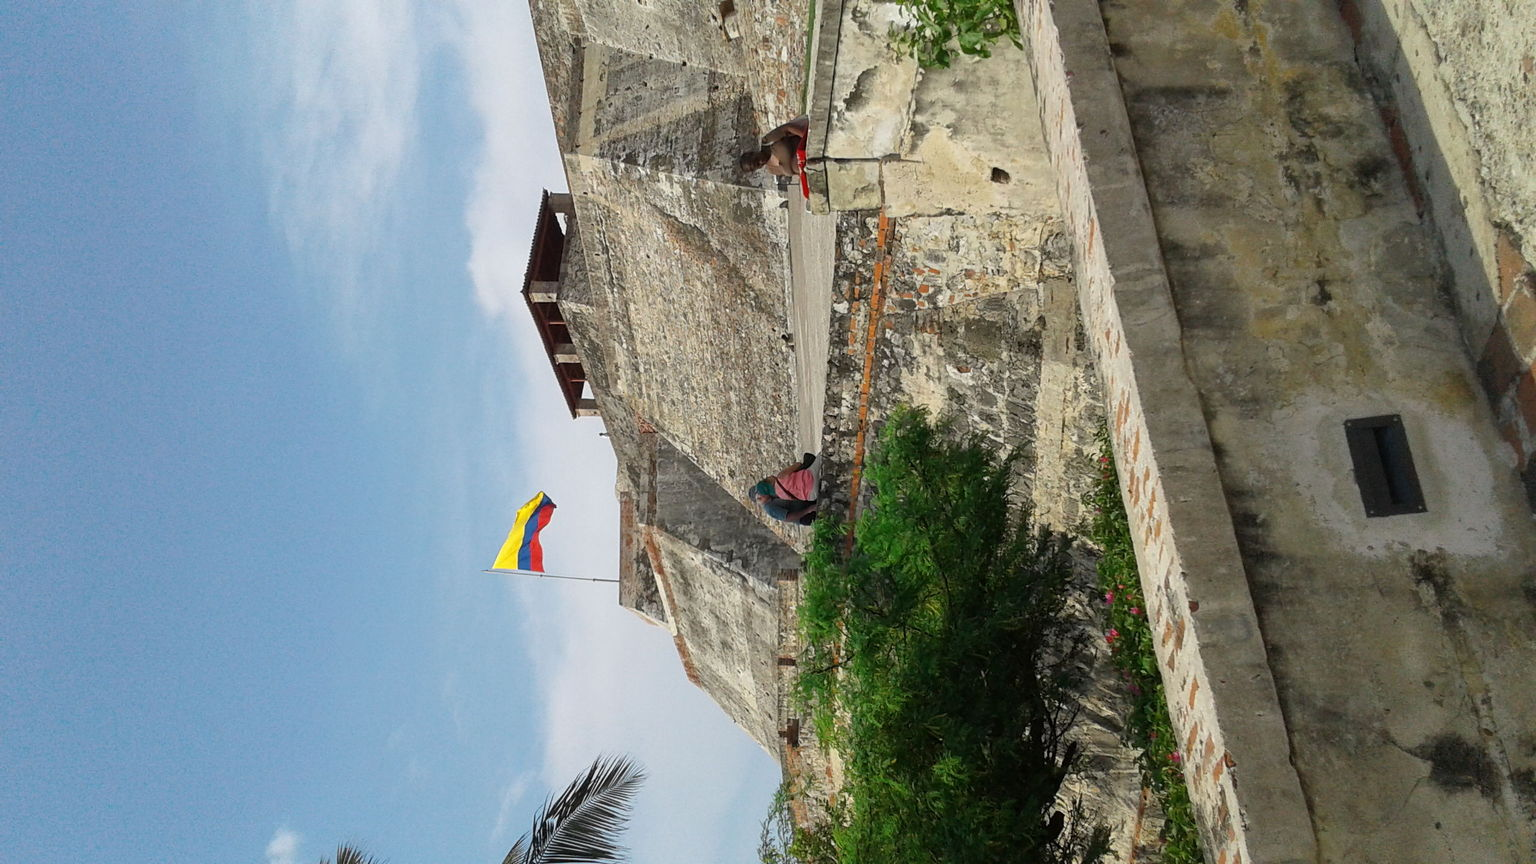 MÁS FOTOS, Recorrido de medio día por Cartagena en vehículos con aire acondicionado